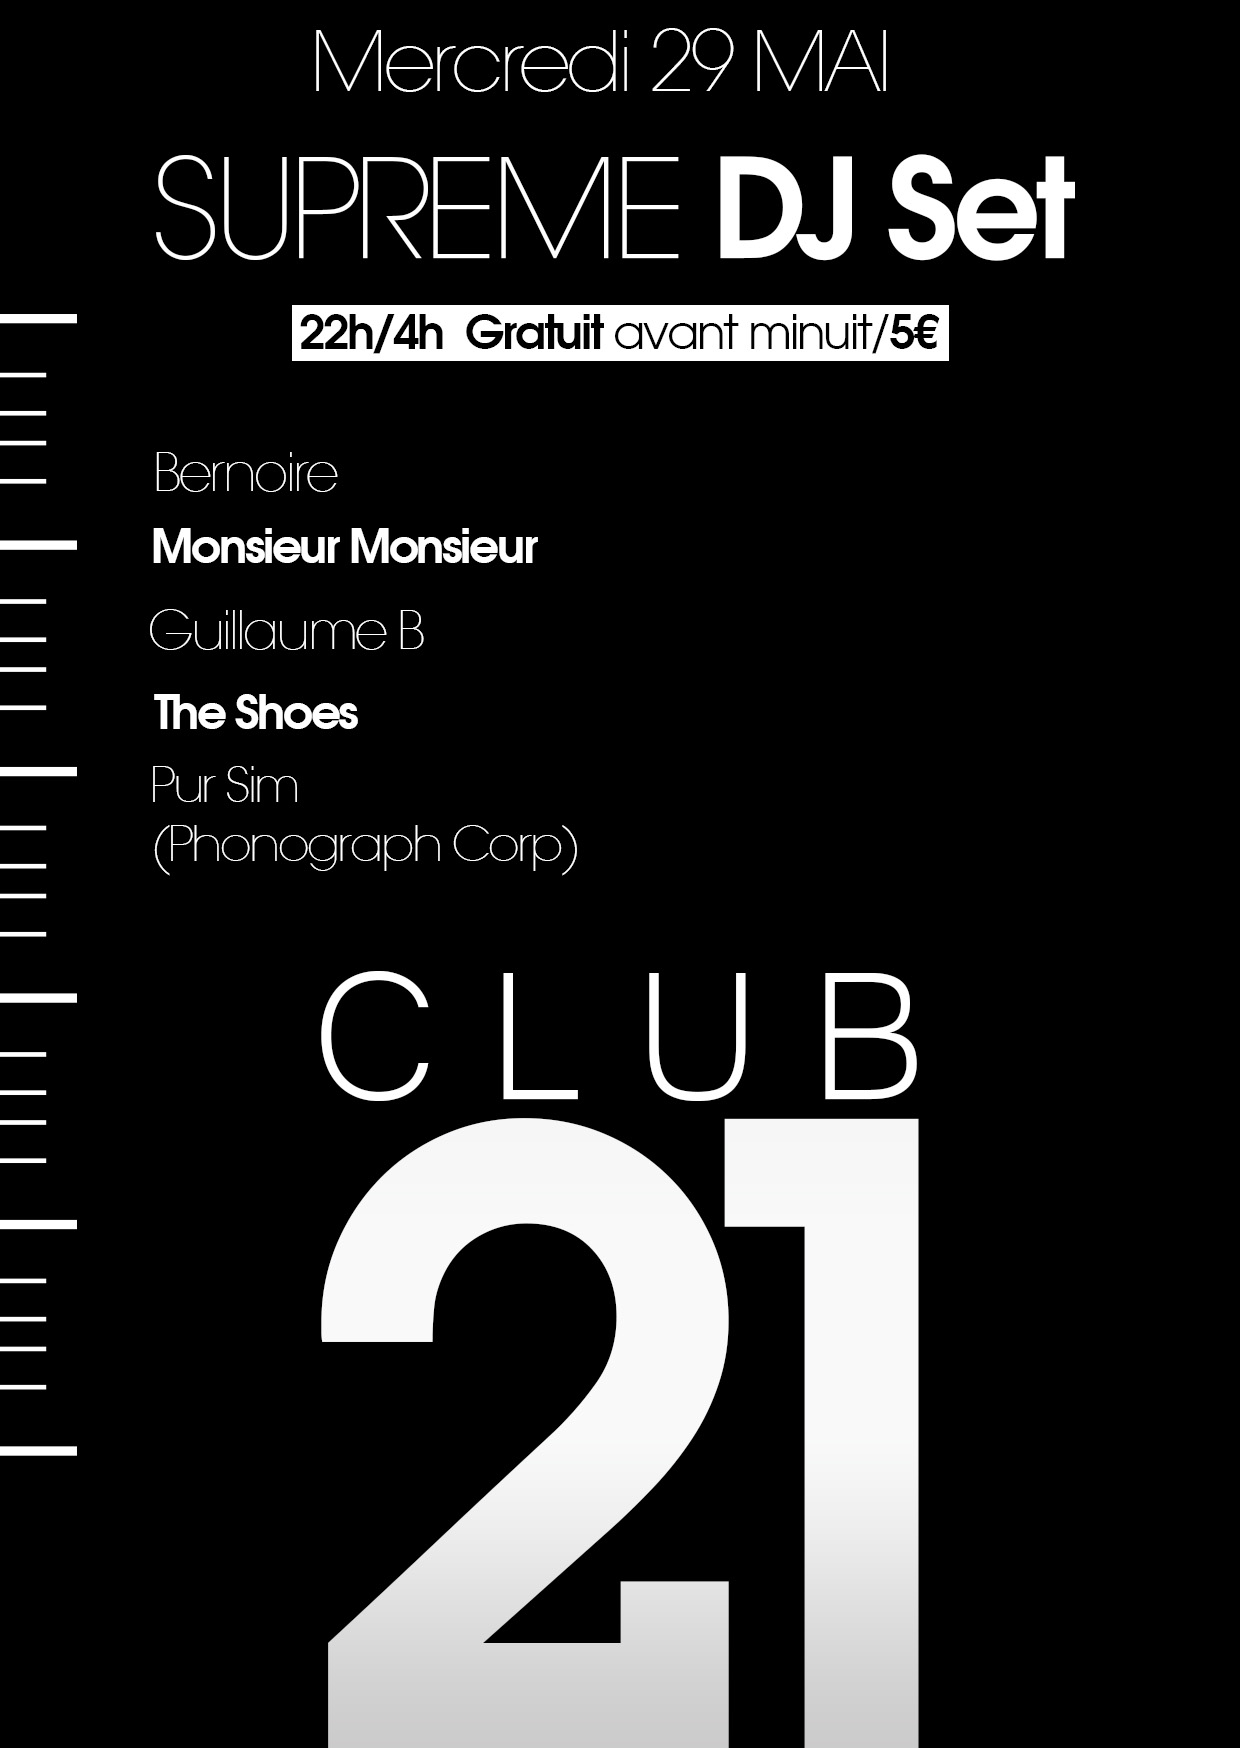 PurSim @ Supreme DJ Set, Club 21 (Reims)